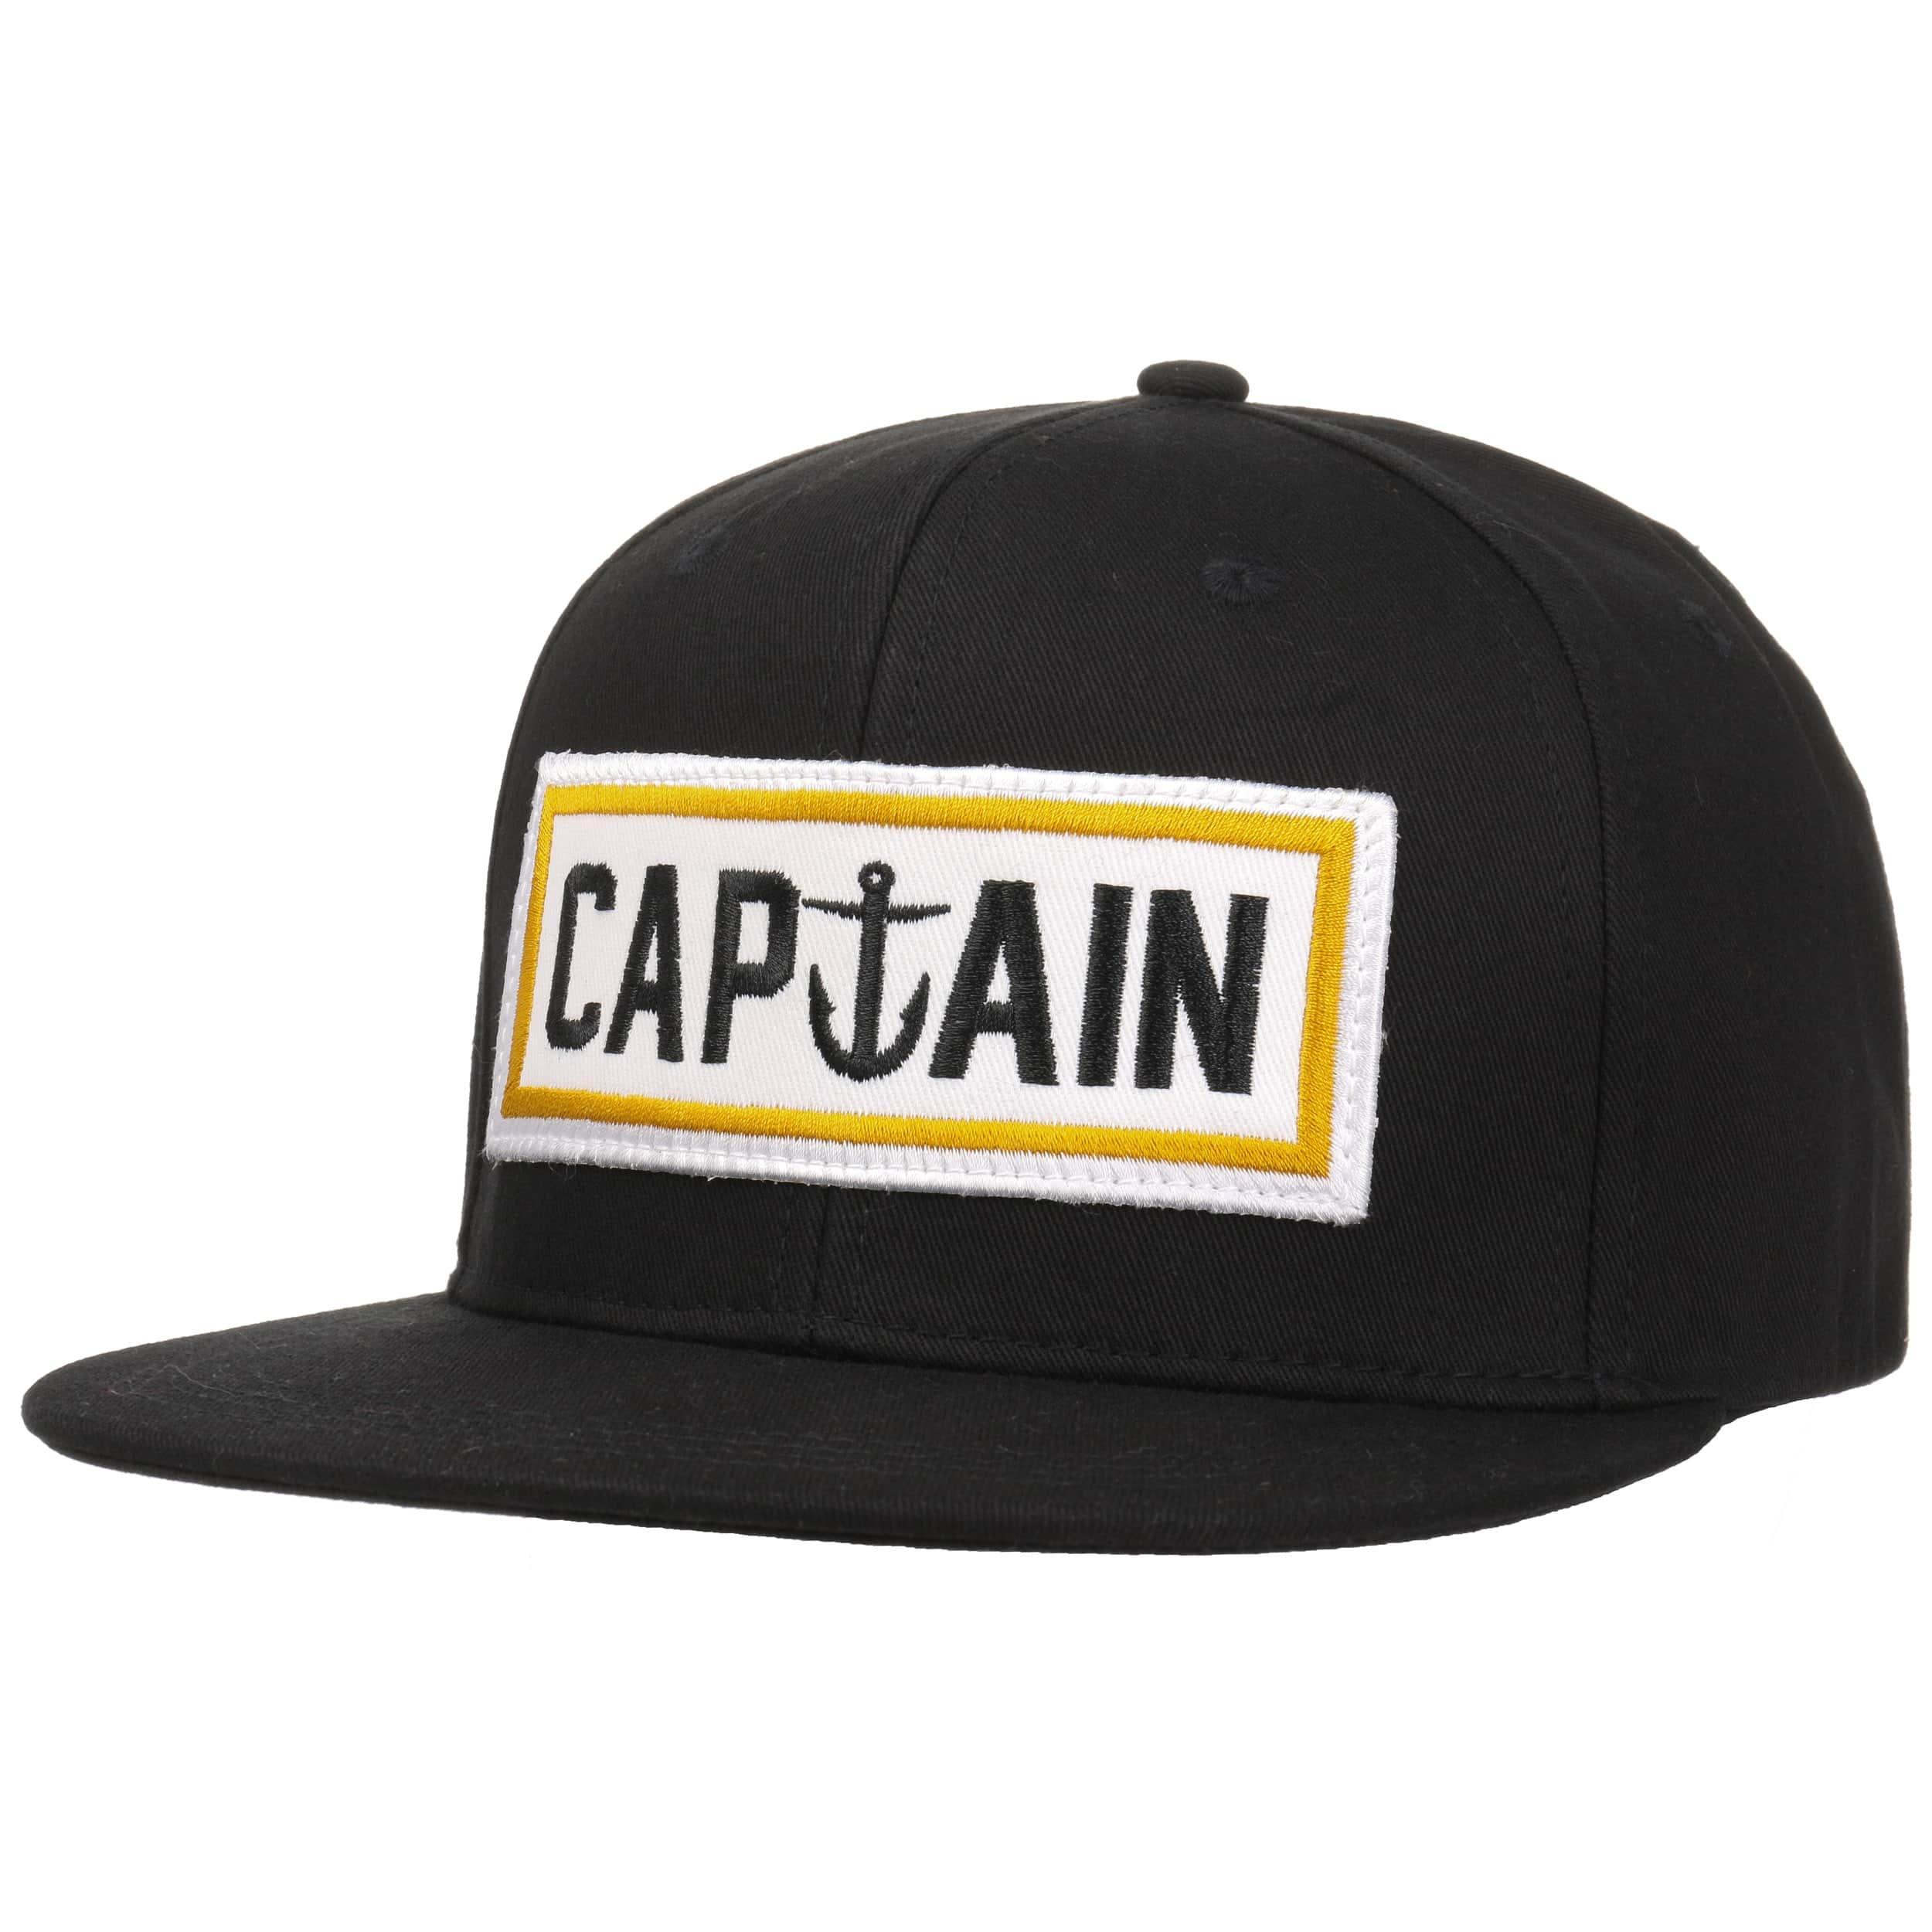 ... Naval Captain Snapback Cap by Captain Fin - black 5 ... ff2ce47e473